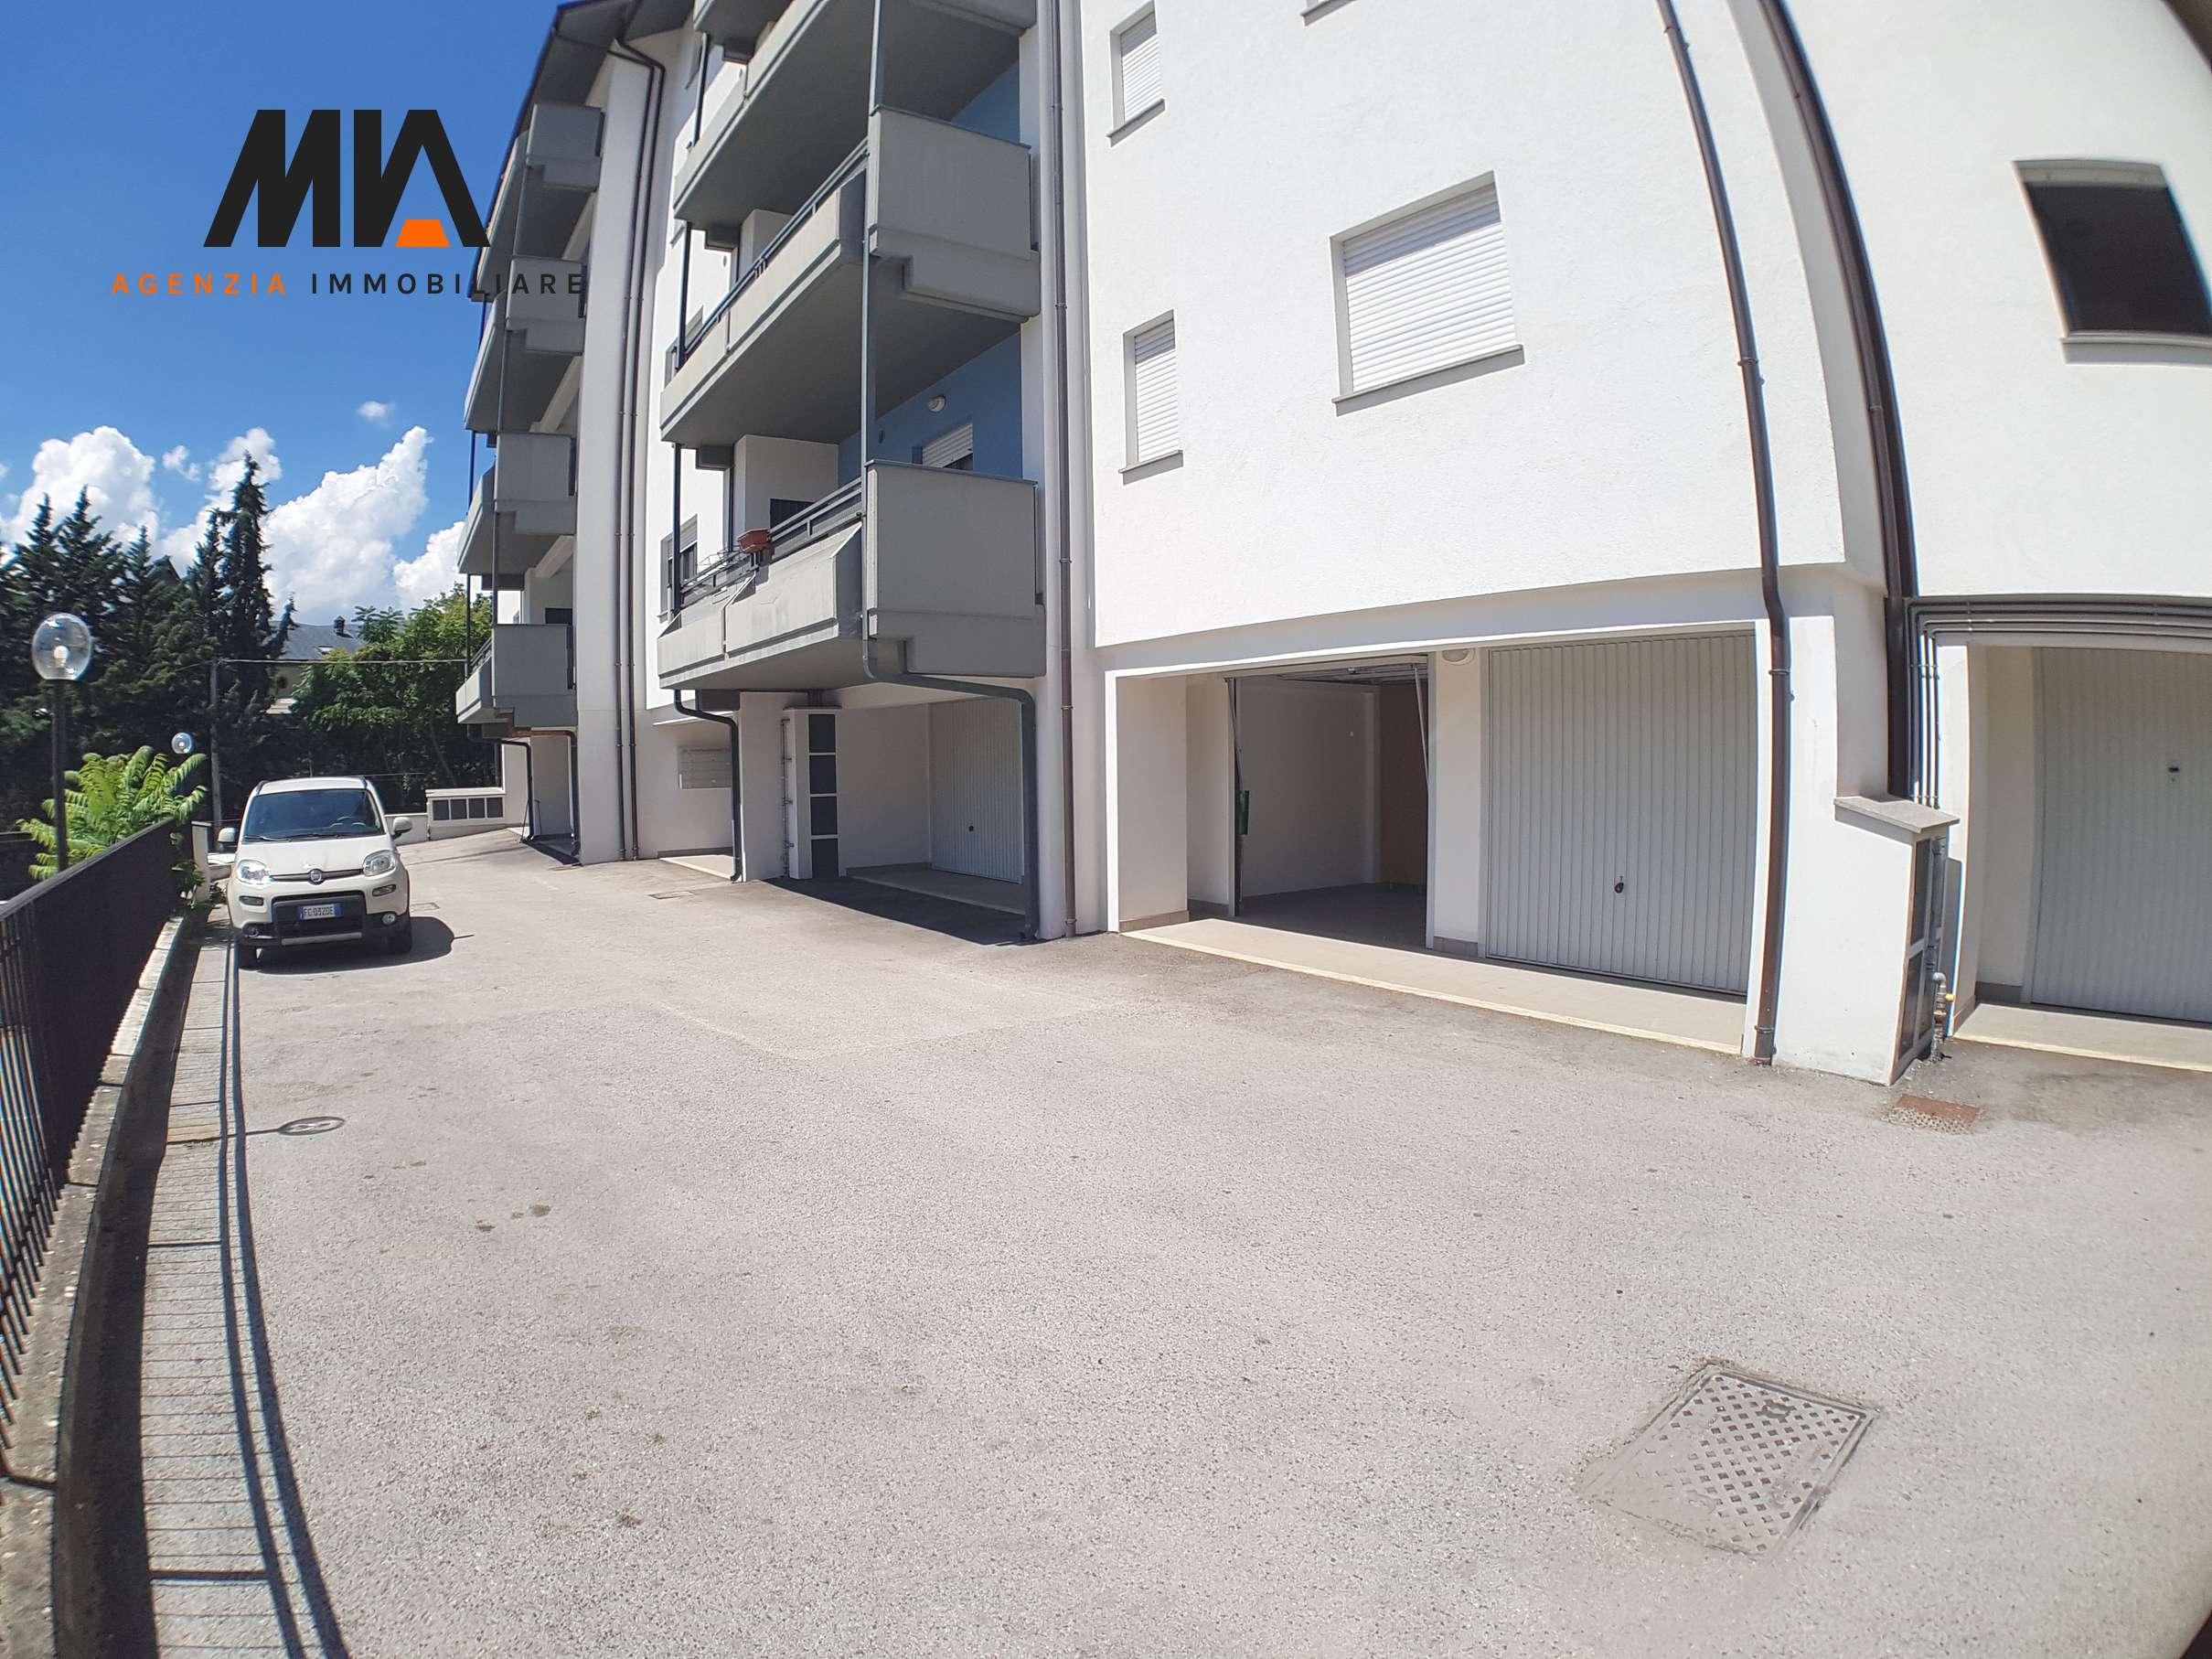 VENDITA: Appartamento 85mq Completamente Ristrutturato Torretta